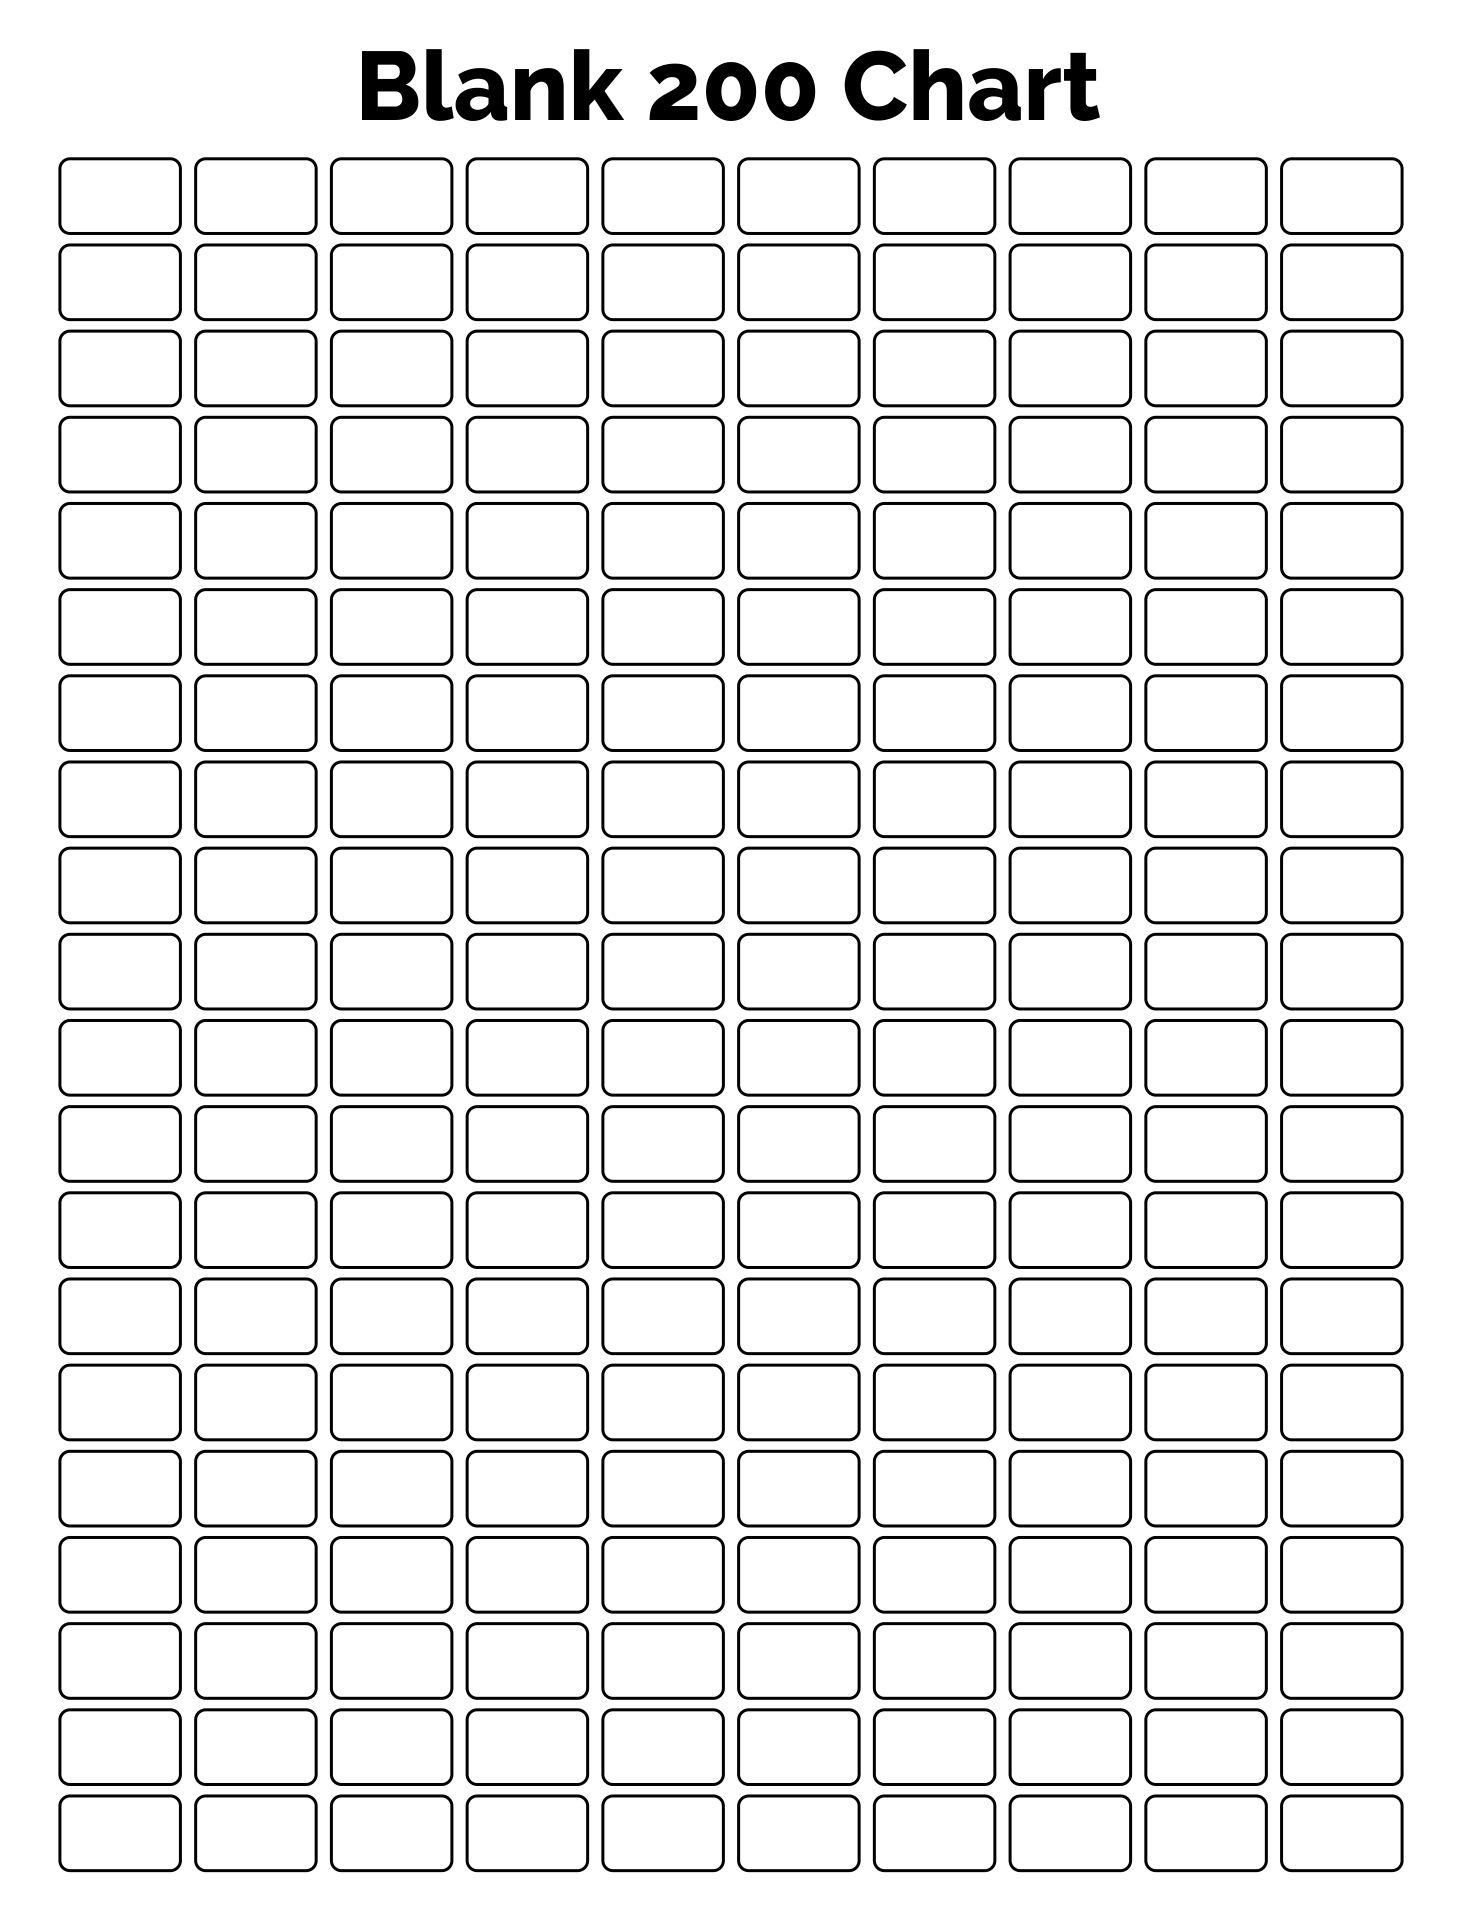 Printable Blank 200 Chart